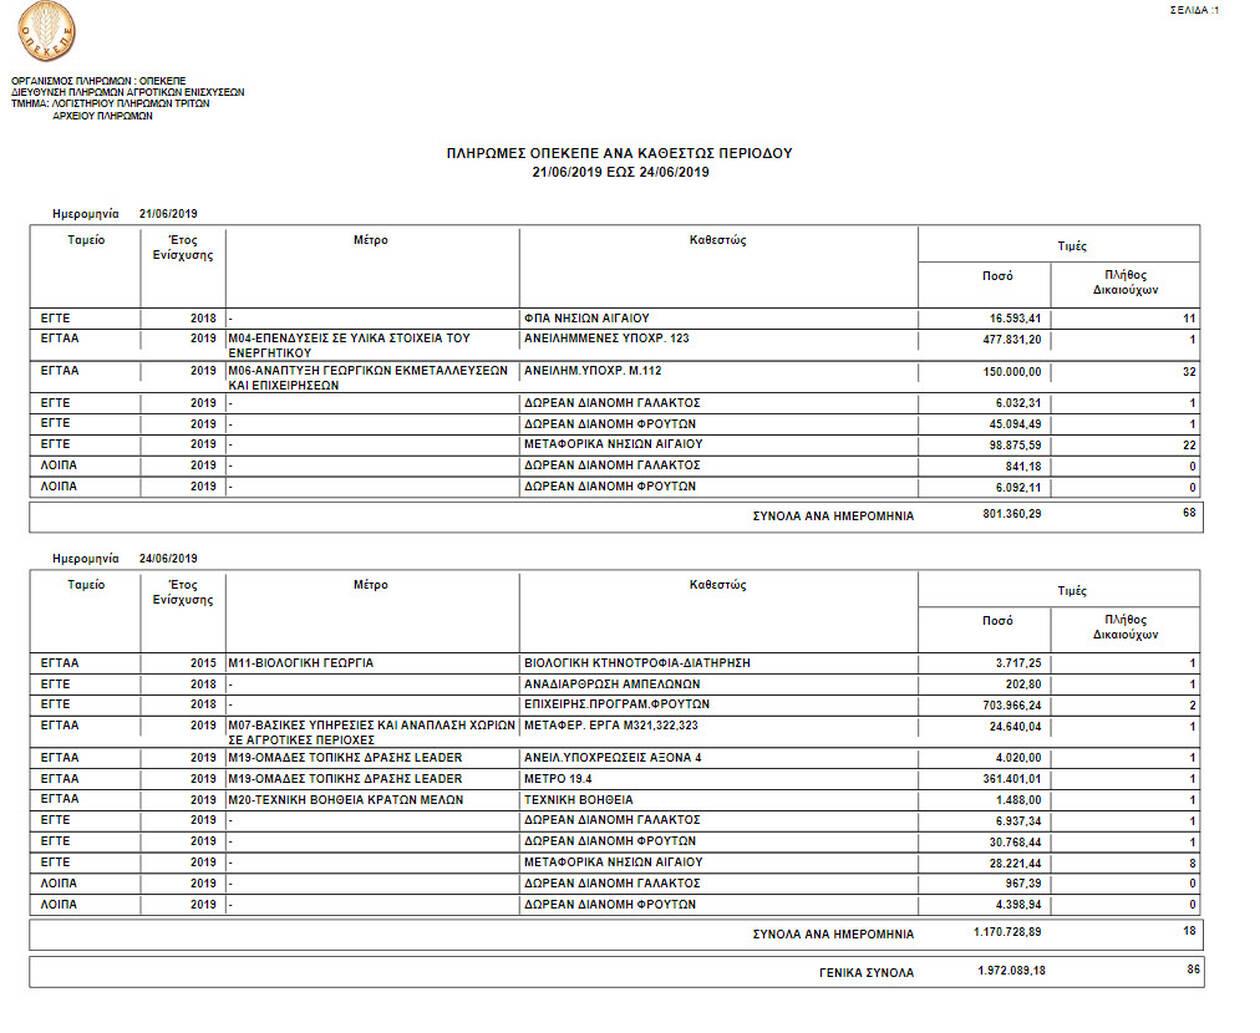 ΟΠΕΚΕΠΕ Πληρωμές σχεδόν 2 εκατ ευρώ σε 86 δικαιούχους